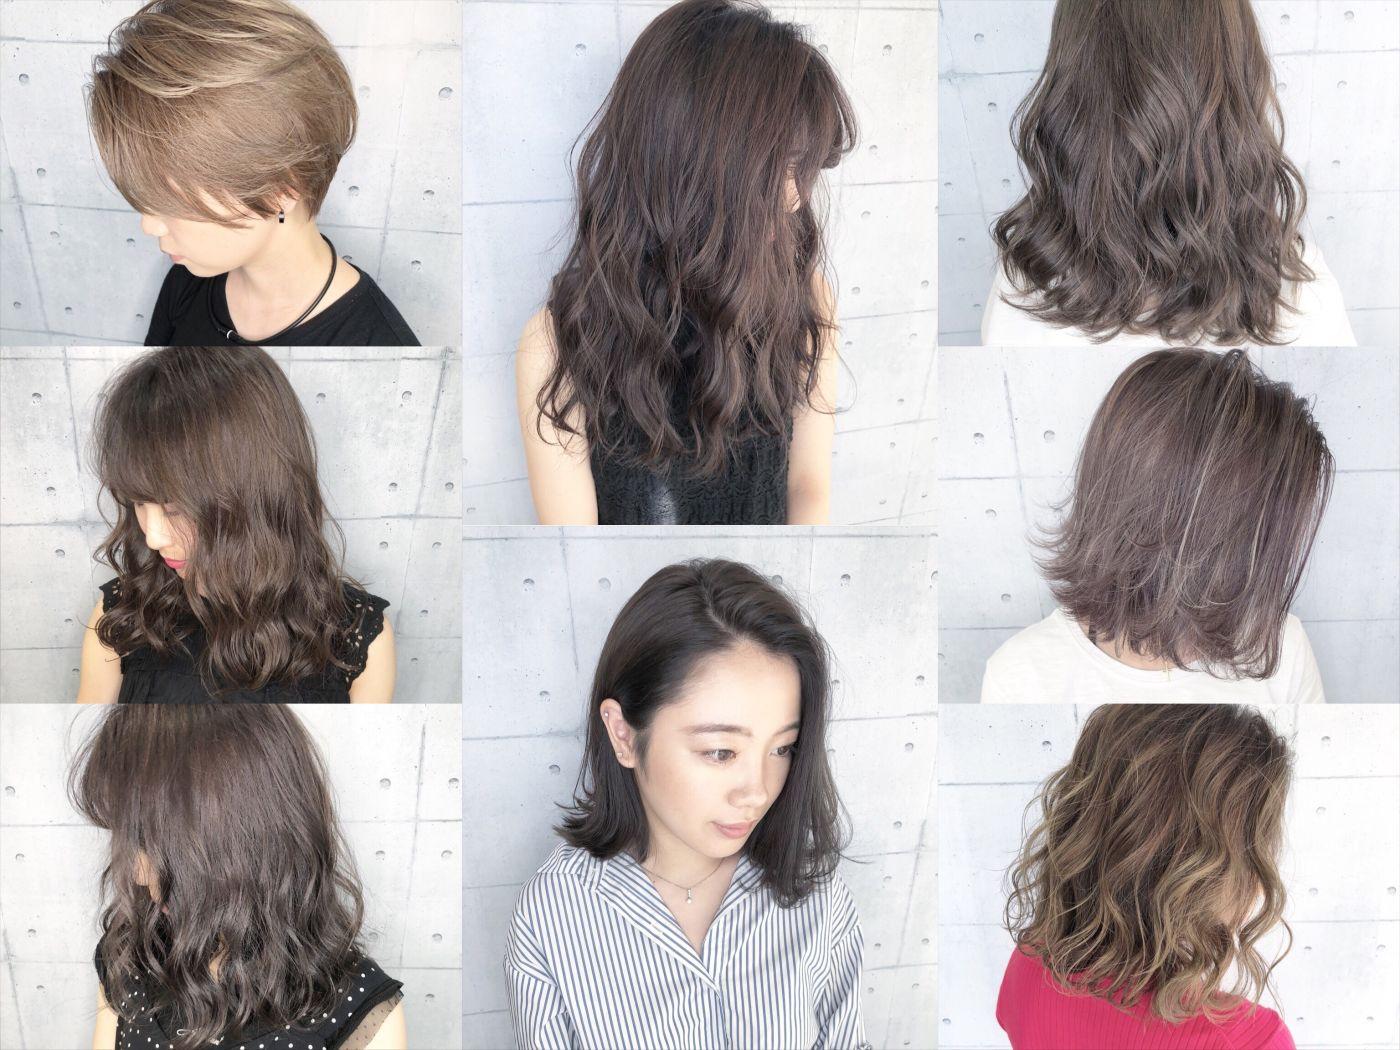 ④現状の髪色から可能な施術かどうか